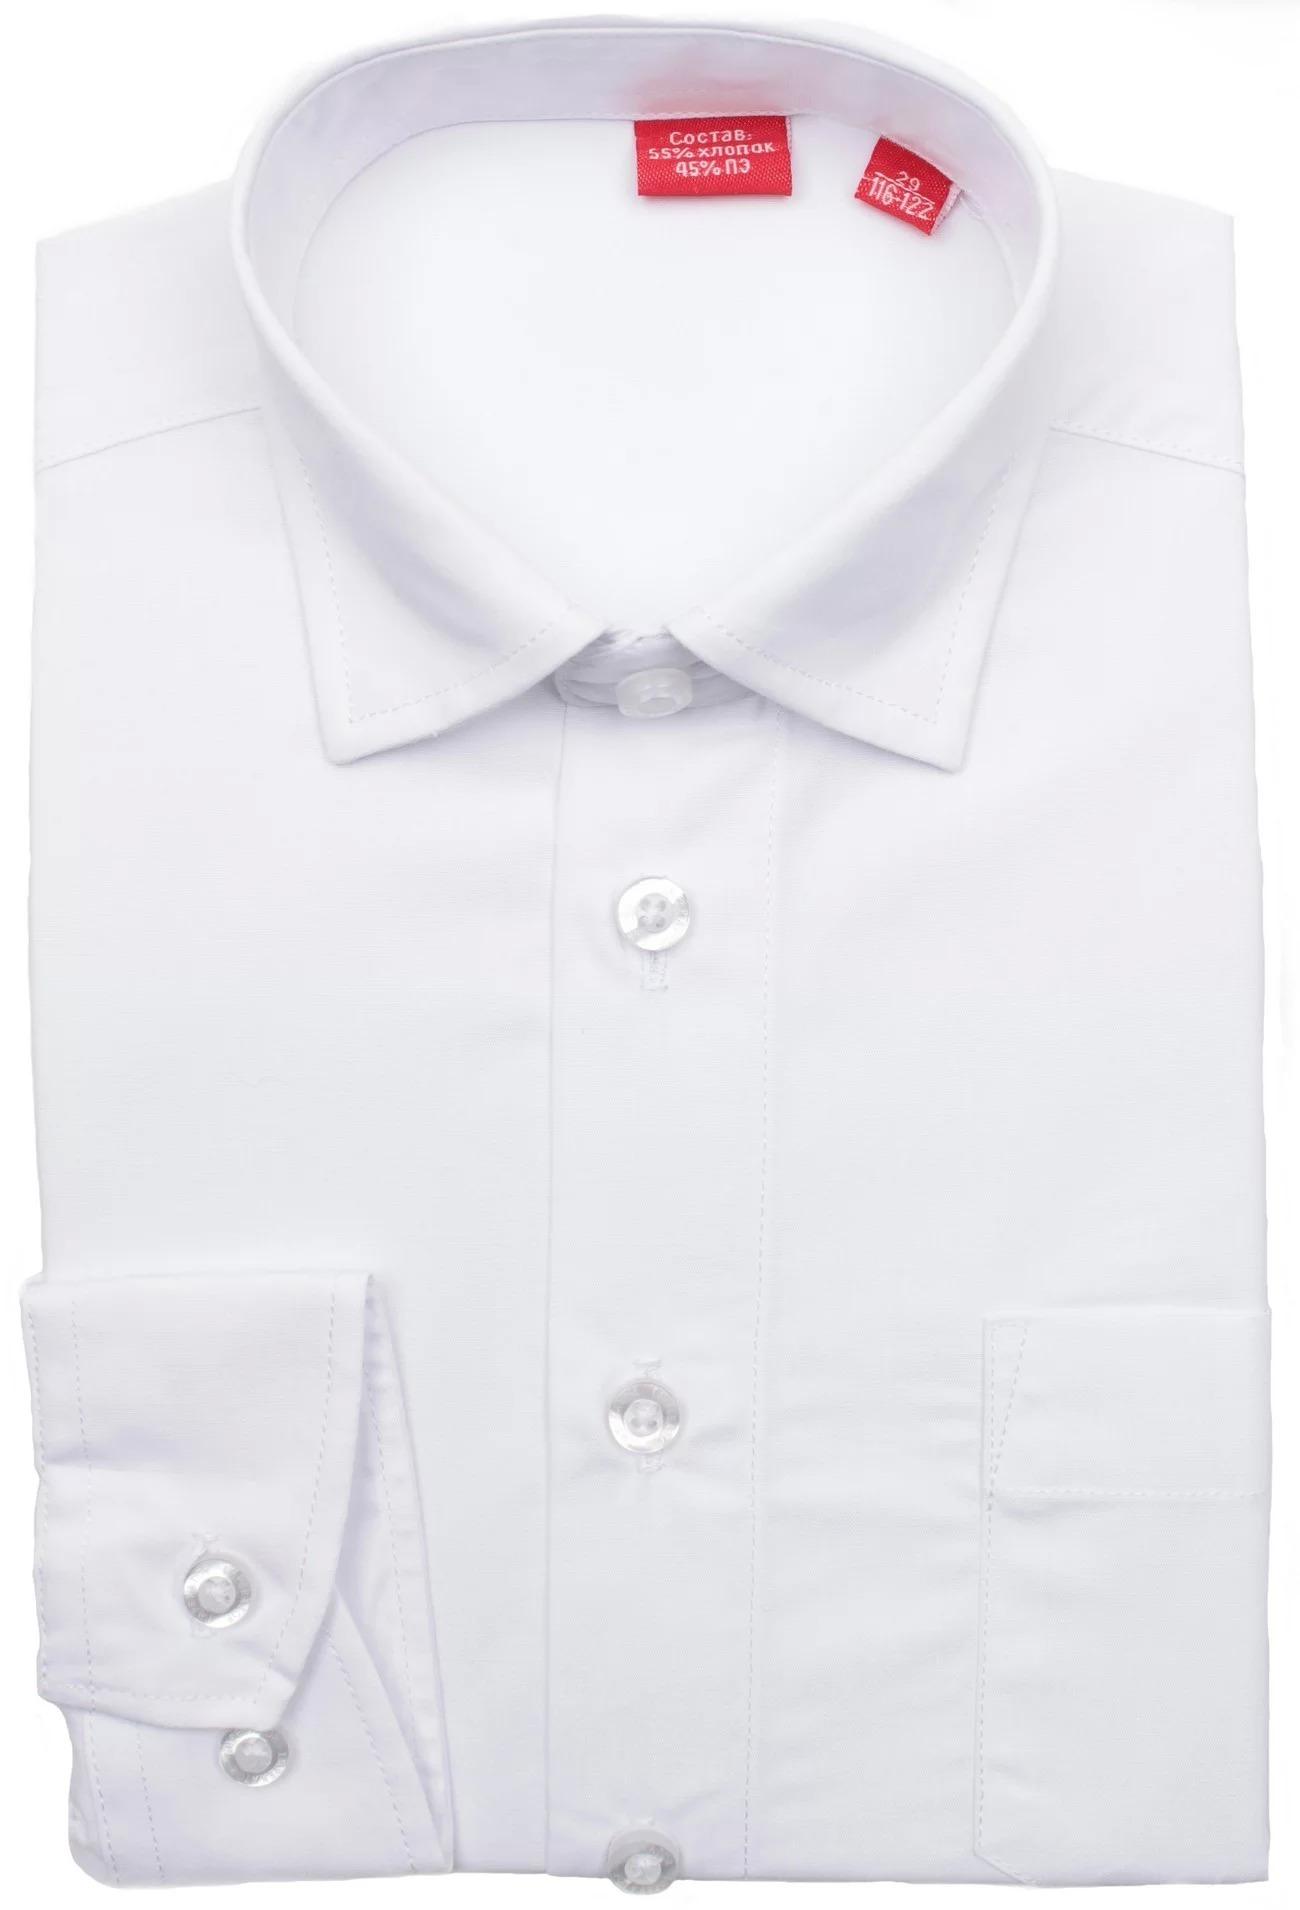 Сорочка мальчик, длинный рукав, белый. Артикул: PT2000Я BSPT2000Я